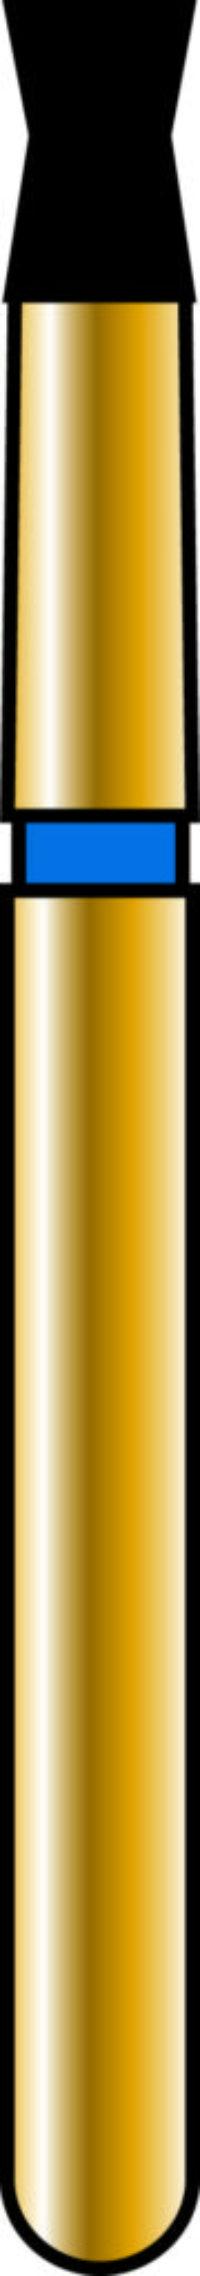 Double Cone 16-2.5mm Gold Diamond Bur - Coarse Grit